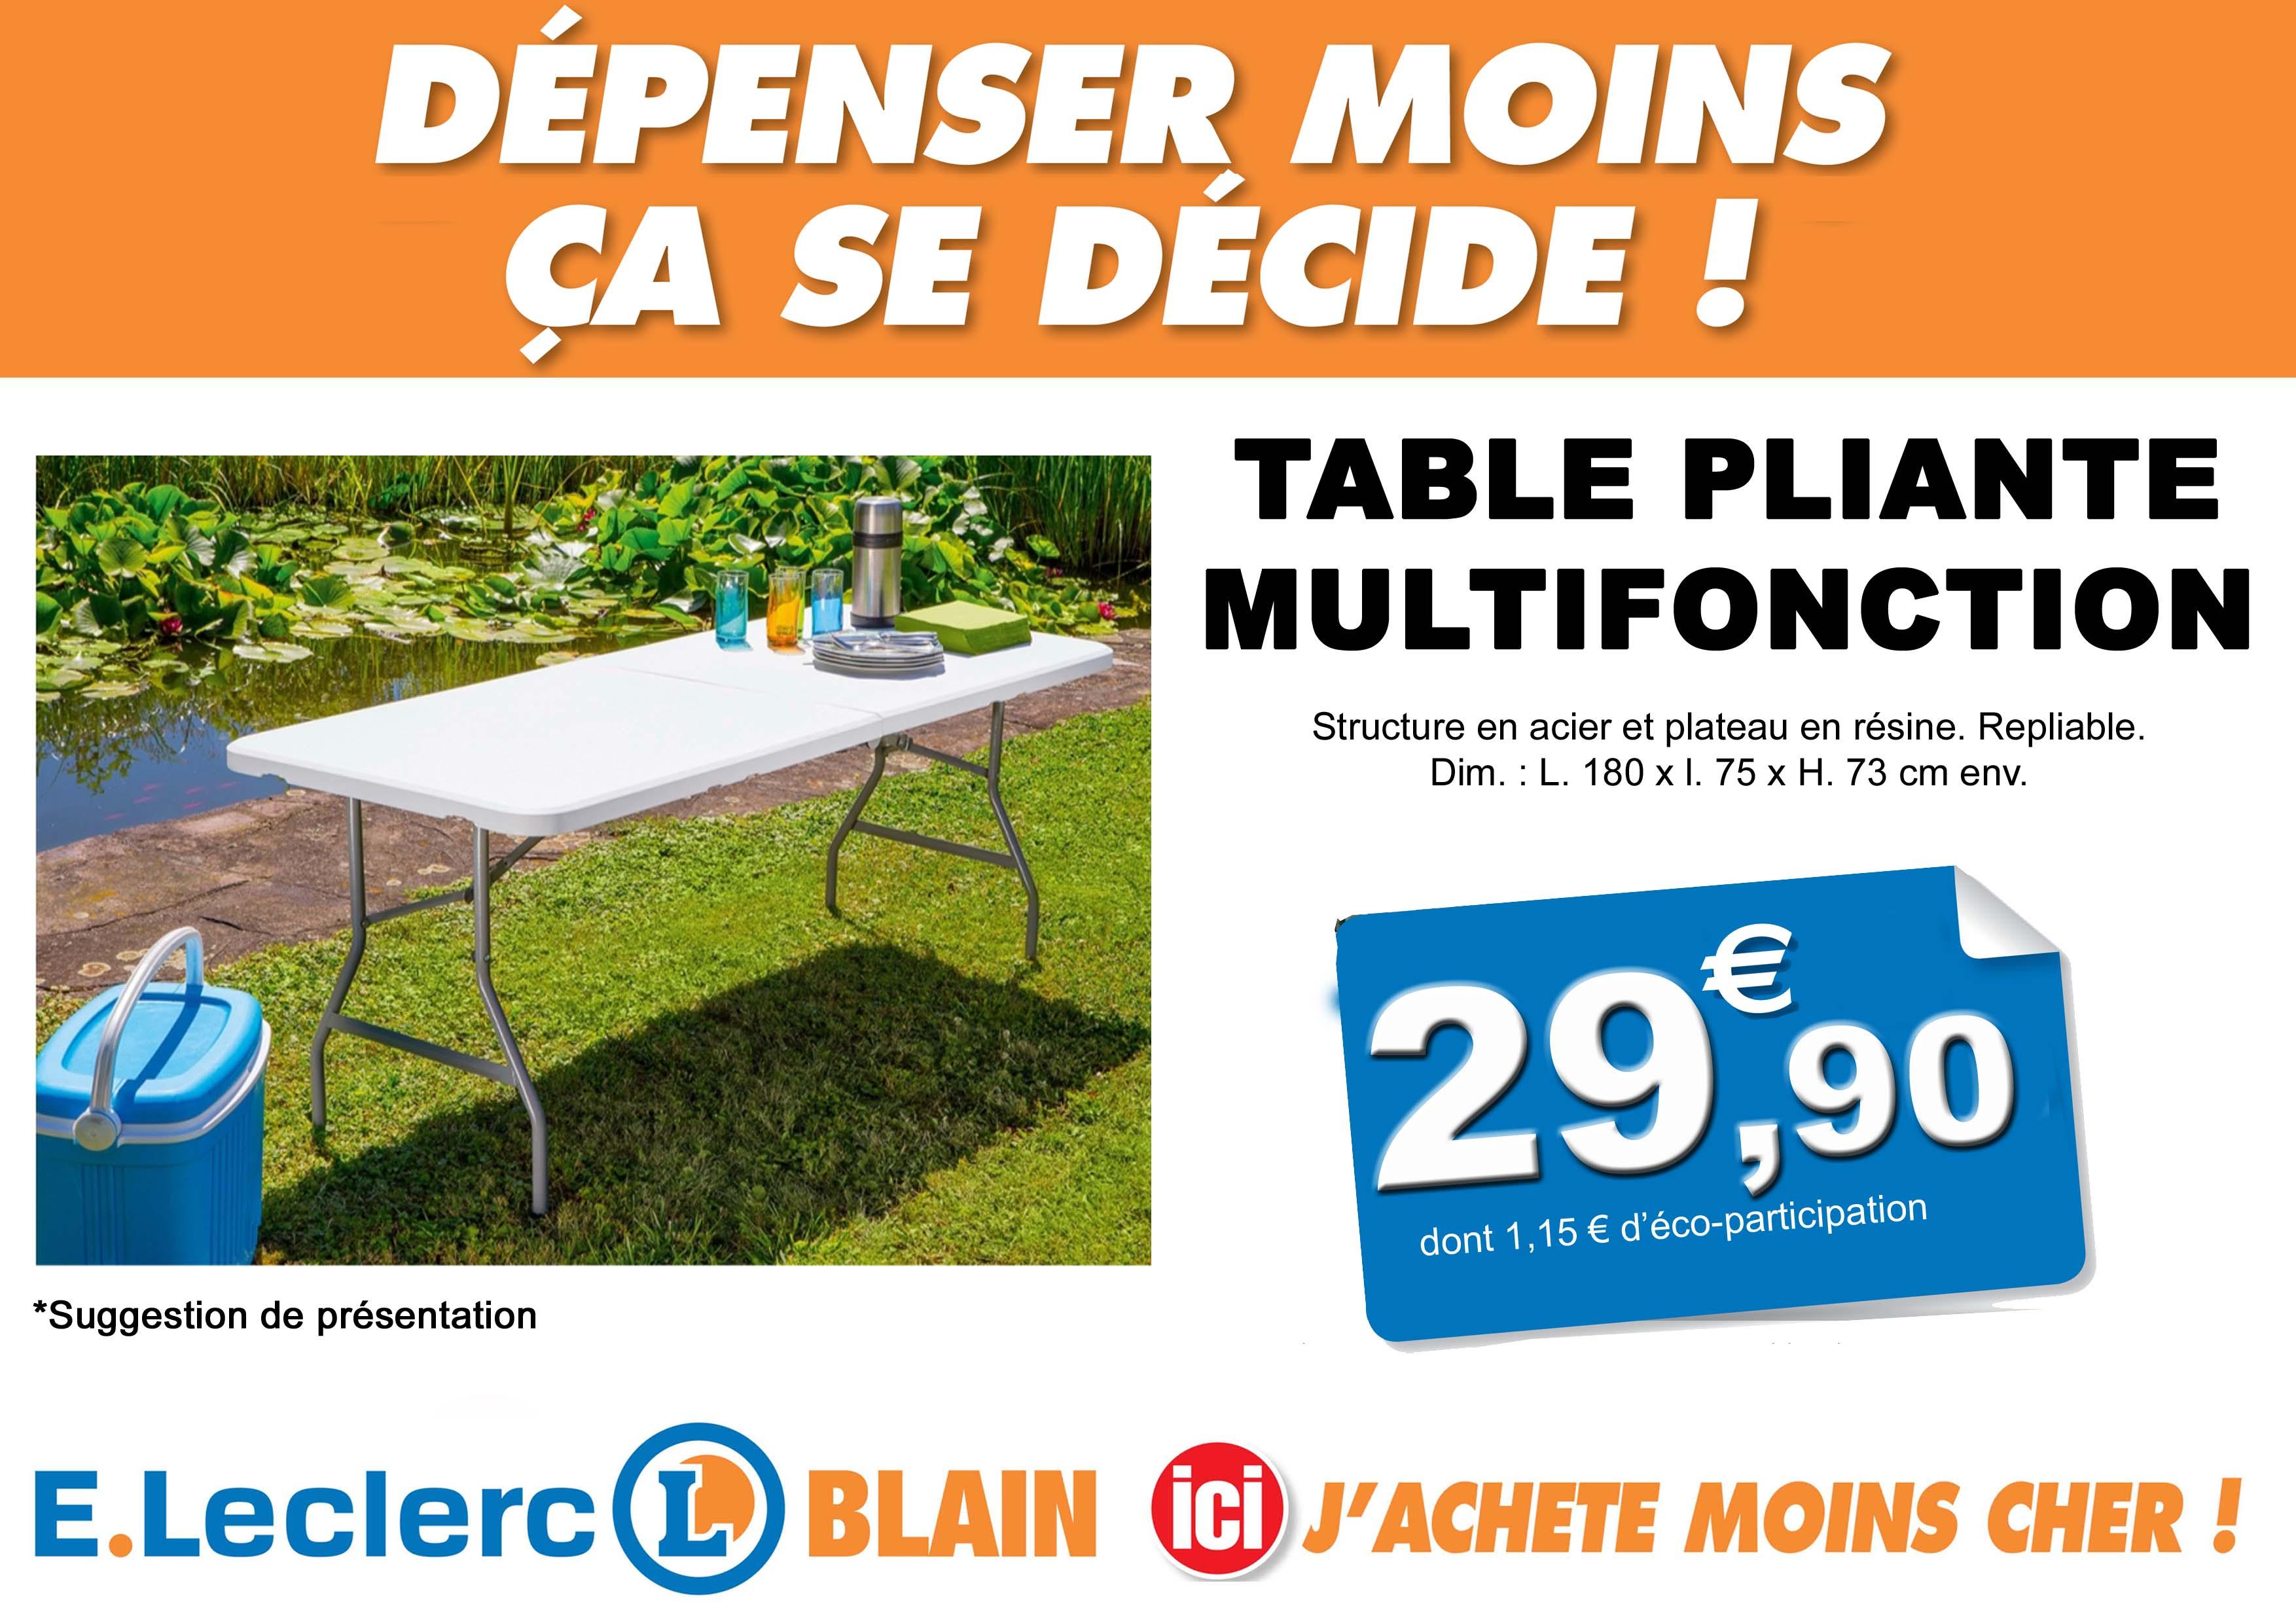 Table et chaise de jardin e leclerc - veranda-styledevie.fr